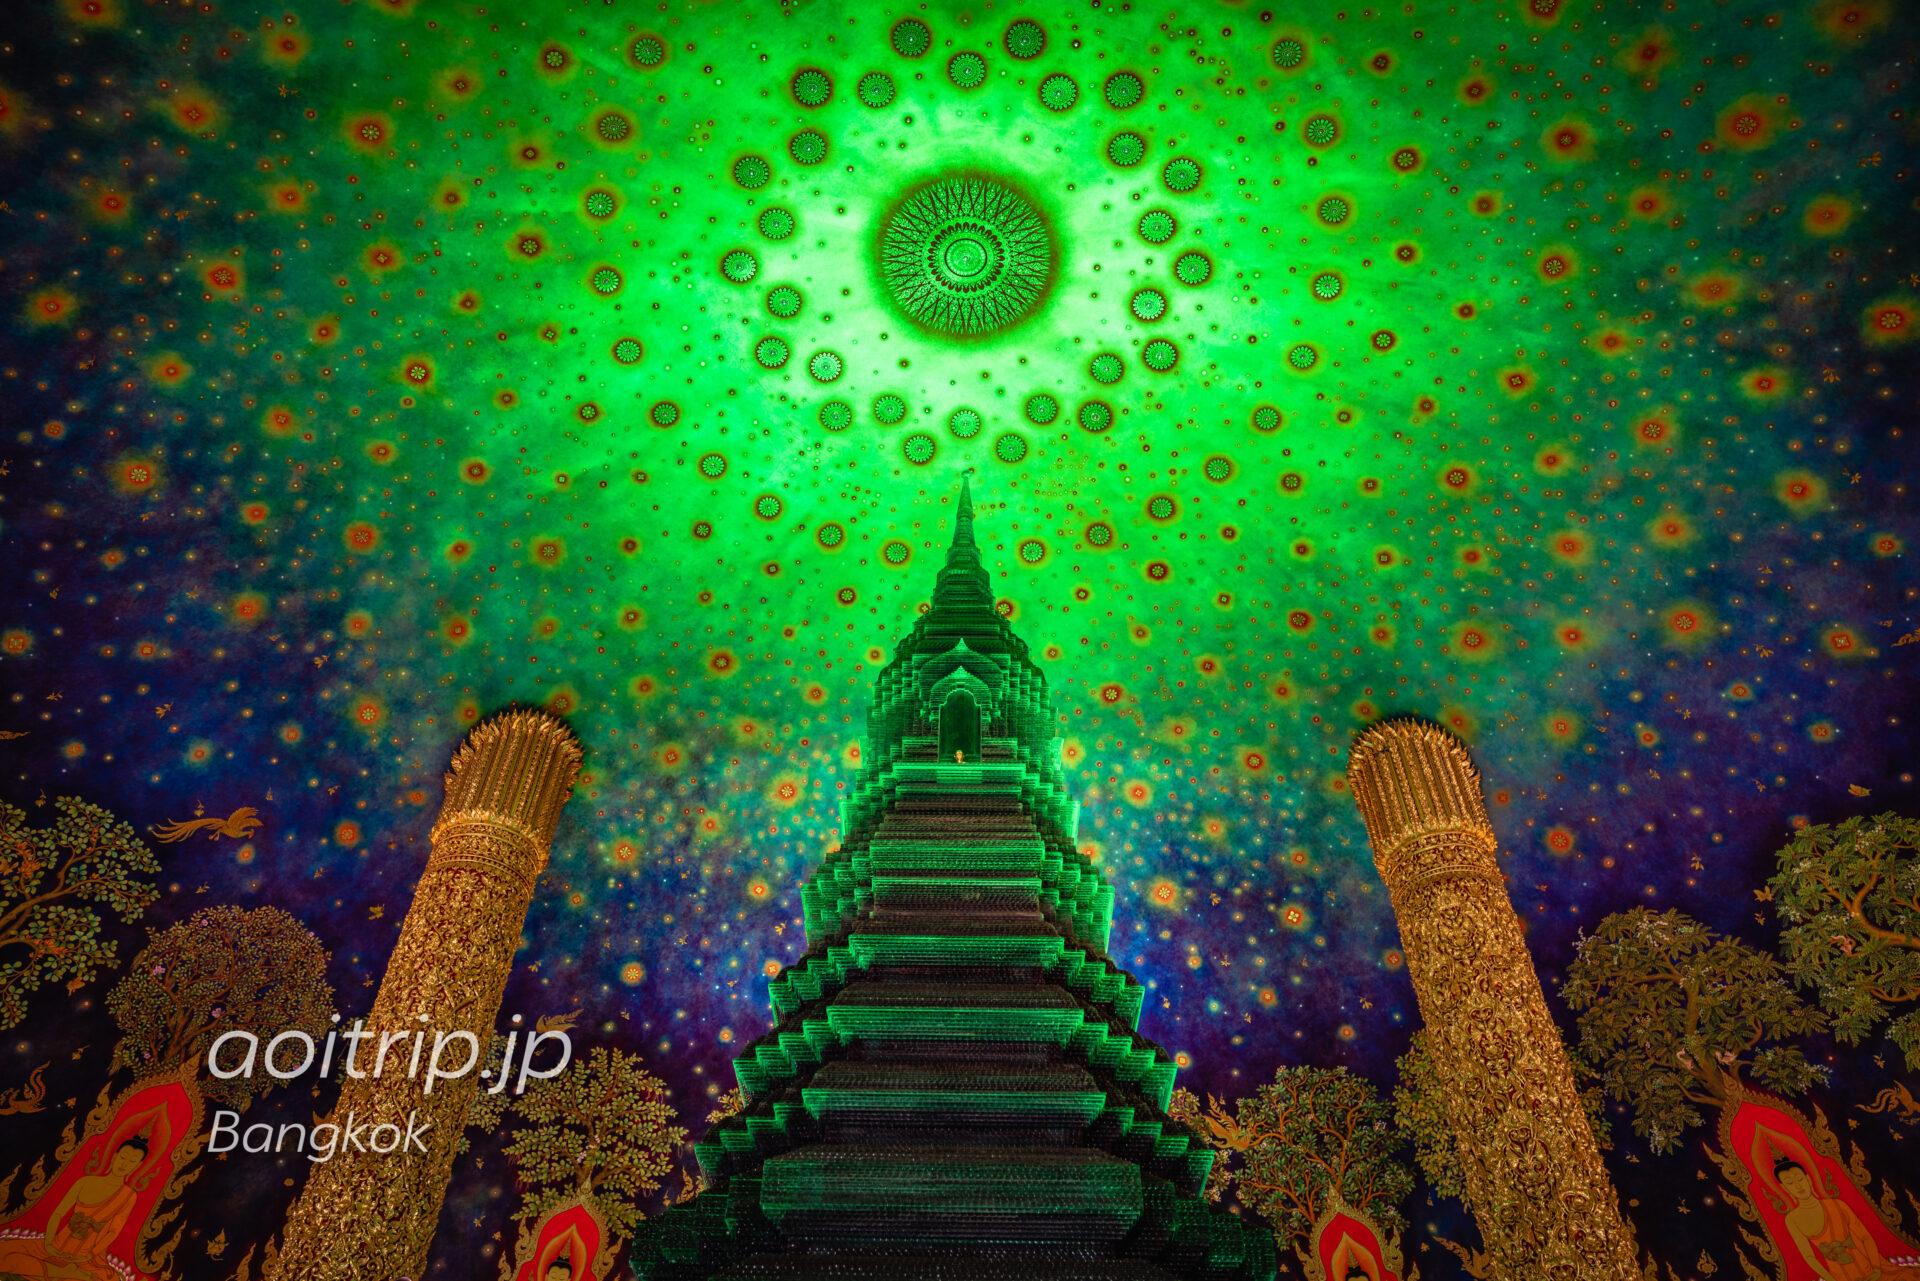 バンコクのワットパクナム寺院